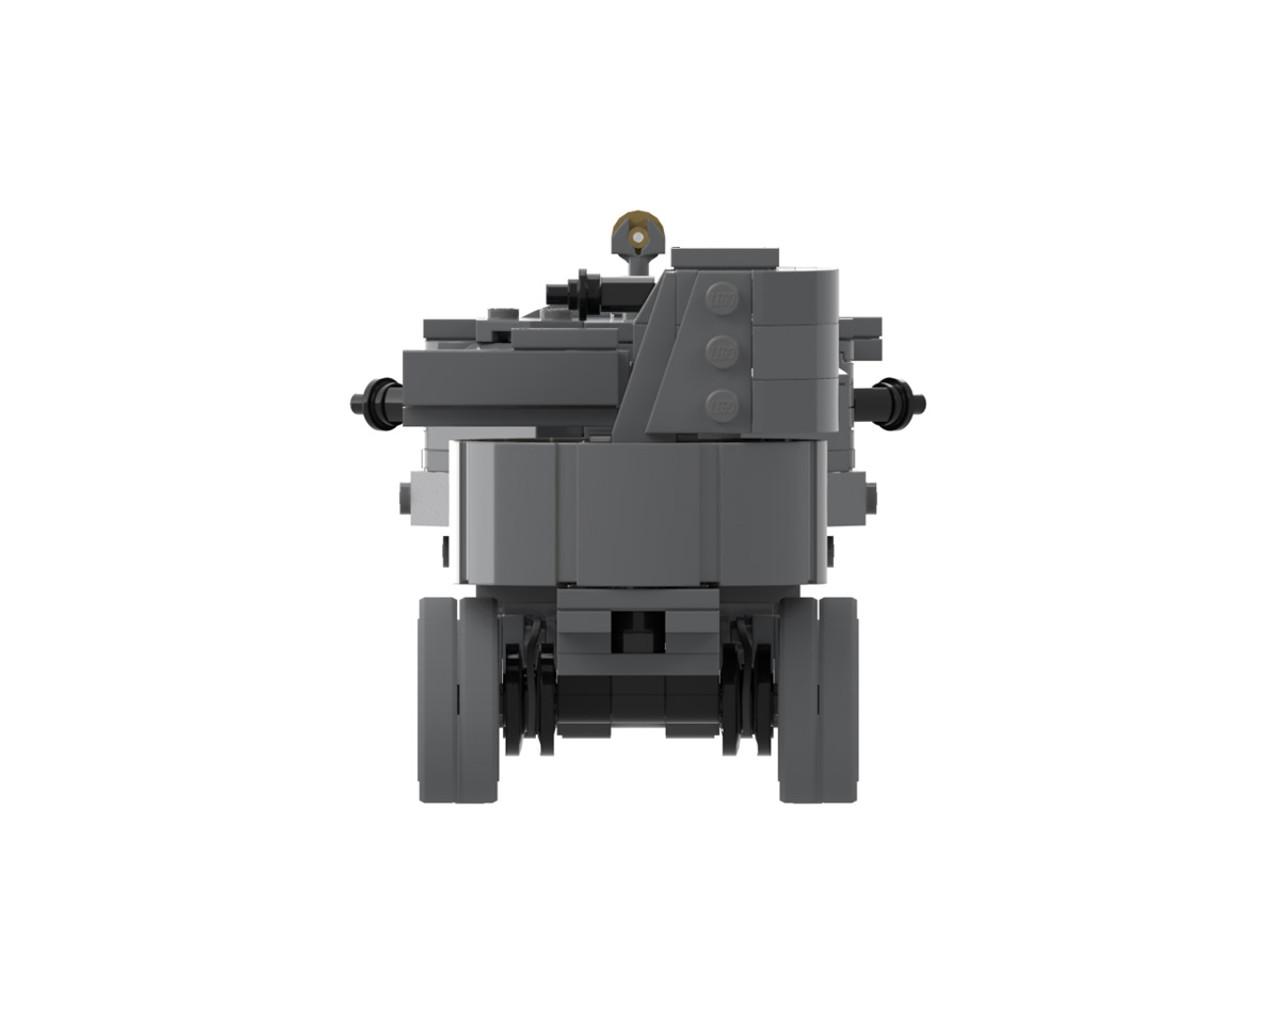 Garford-Putilov Armored Car